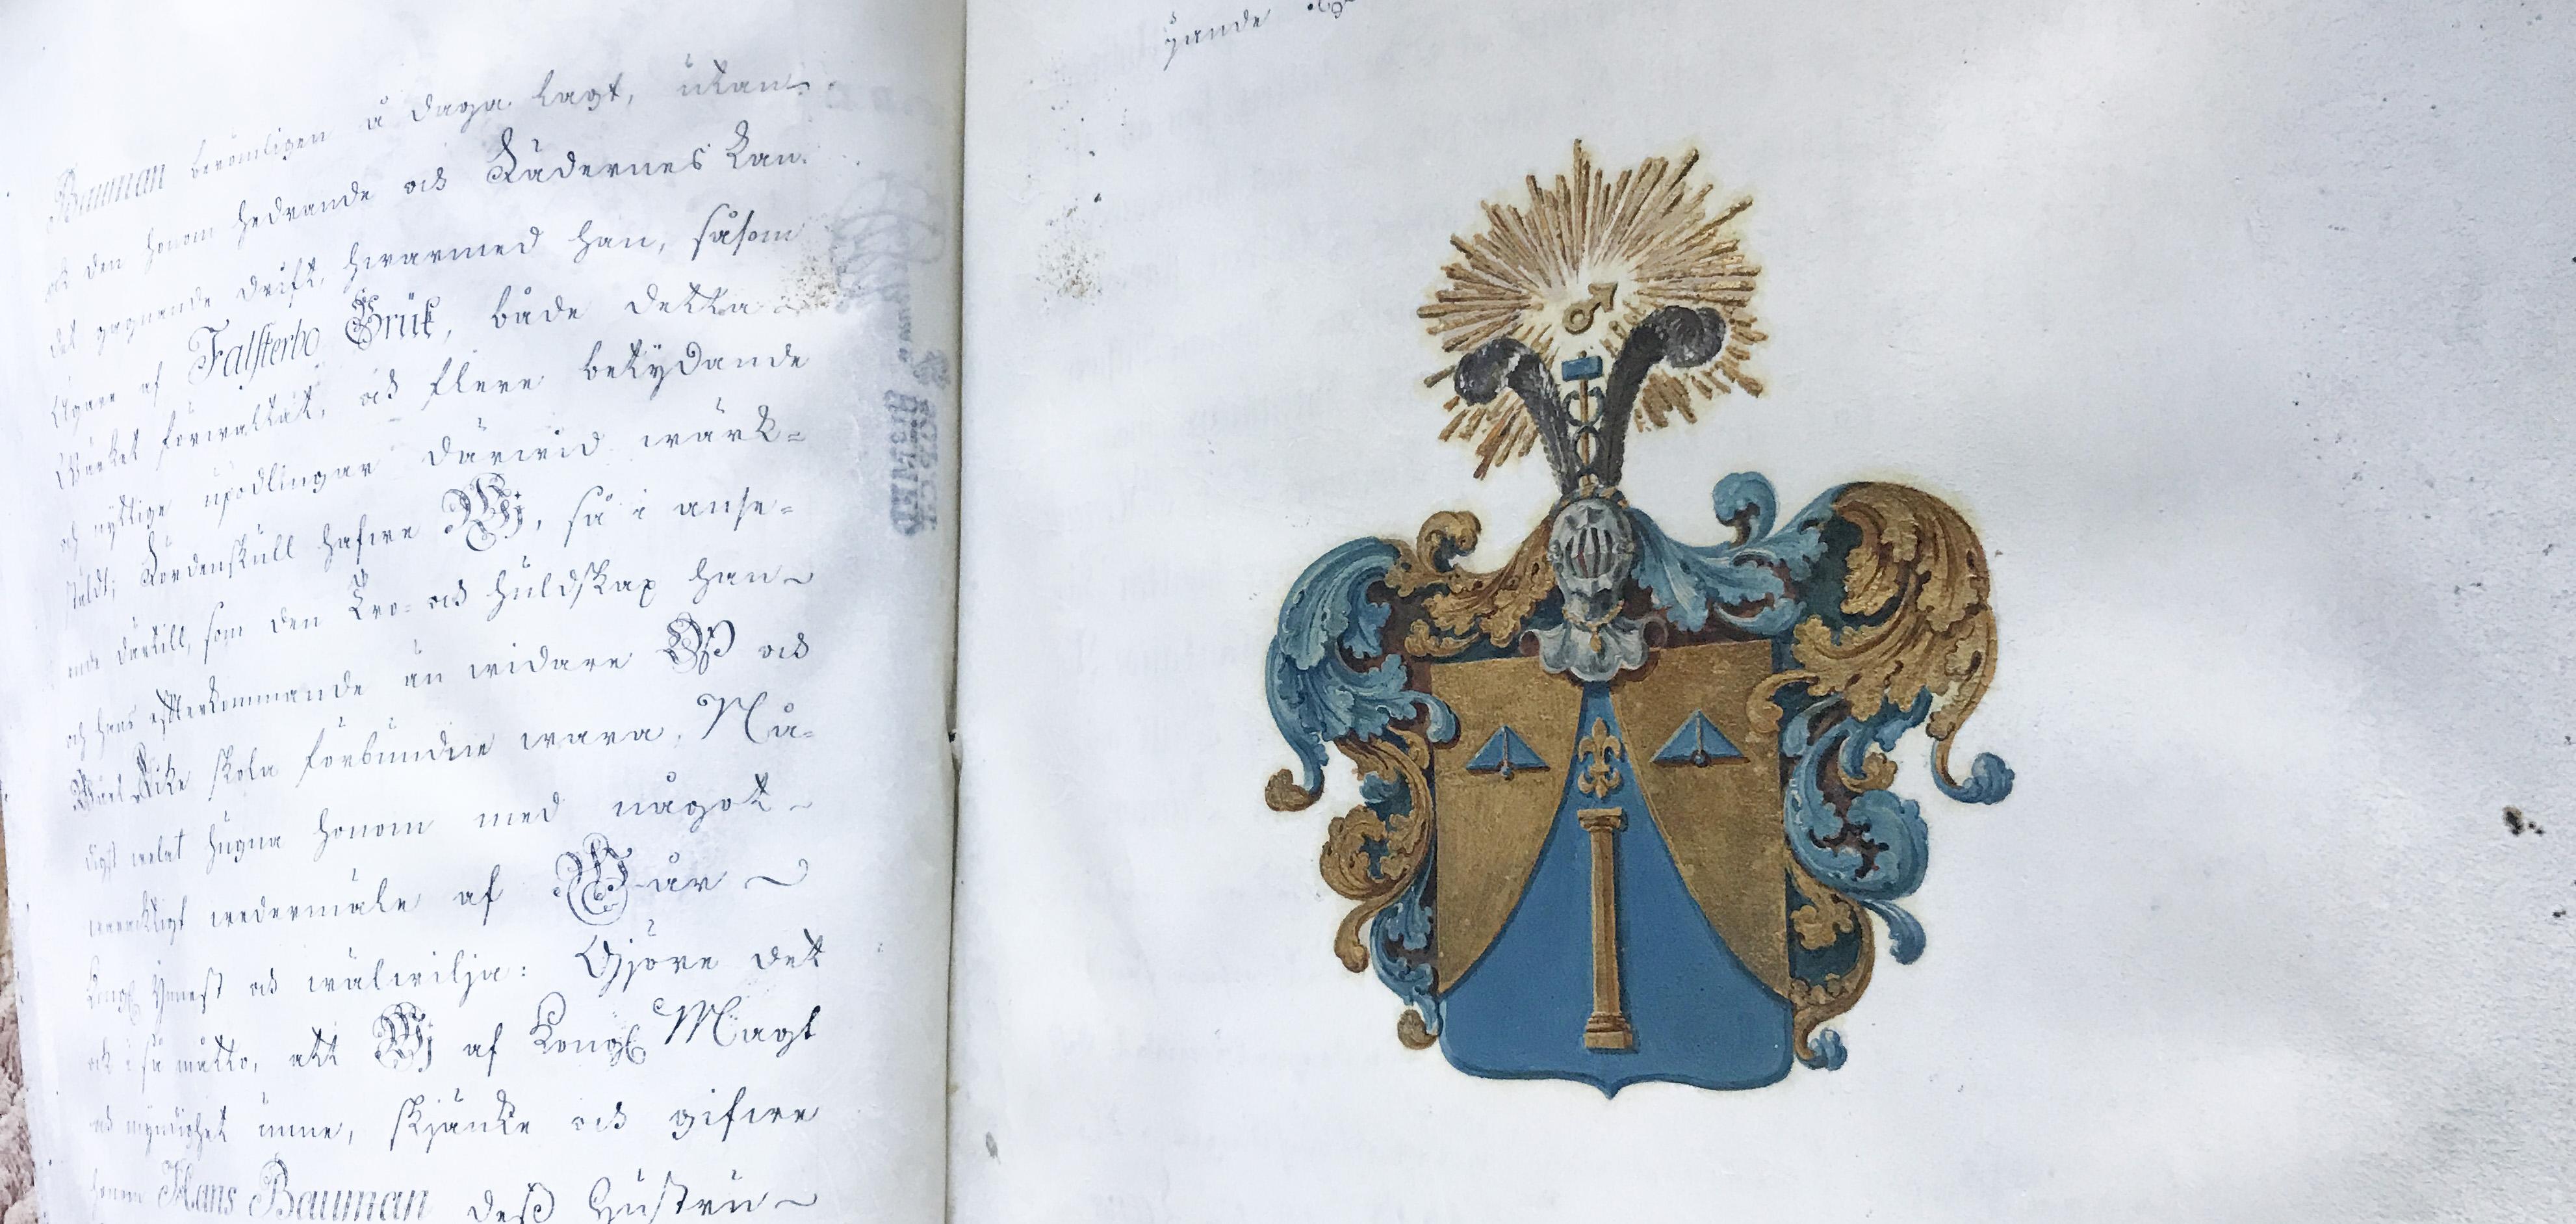 Liljenstolpeska släktföreningen - Liljenstolpe Family Association